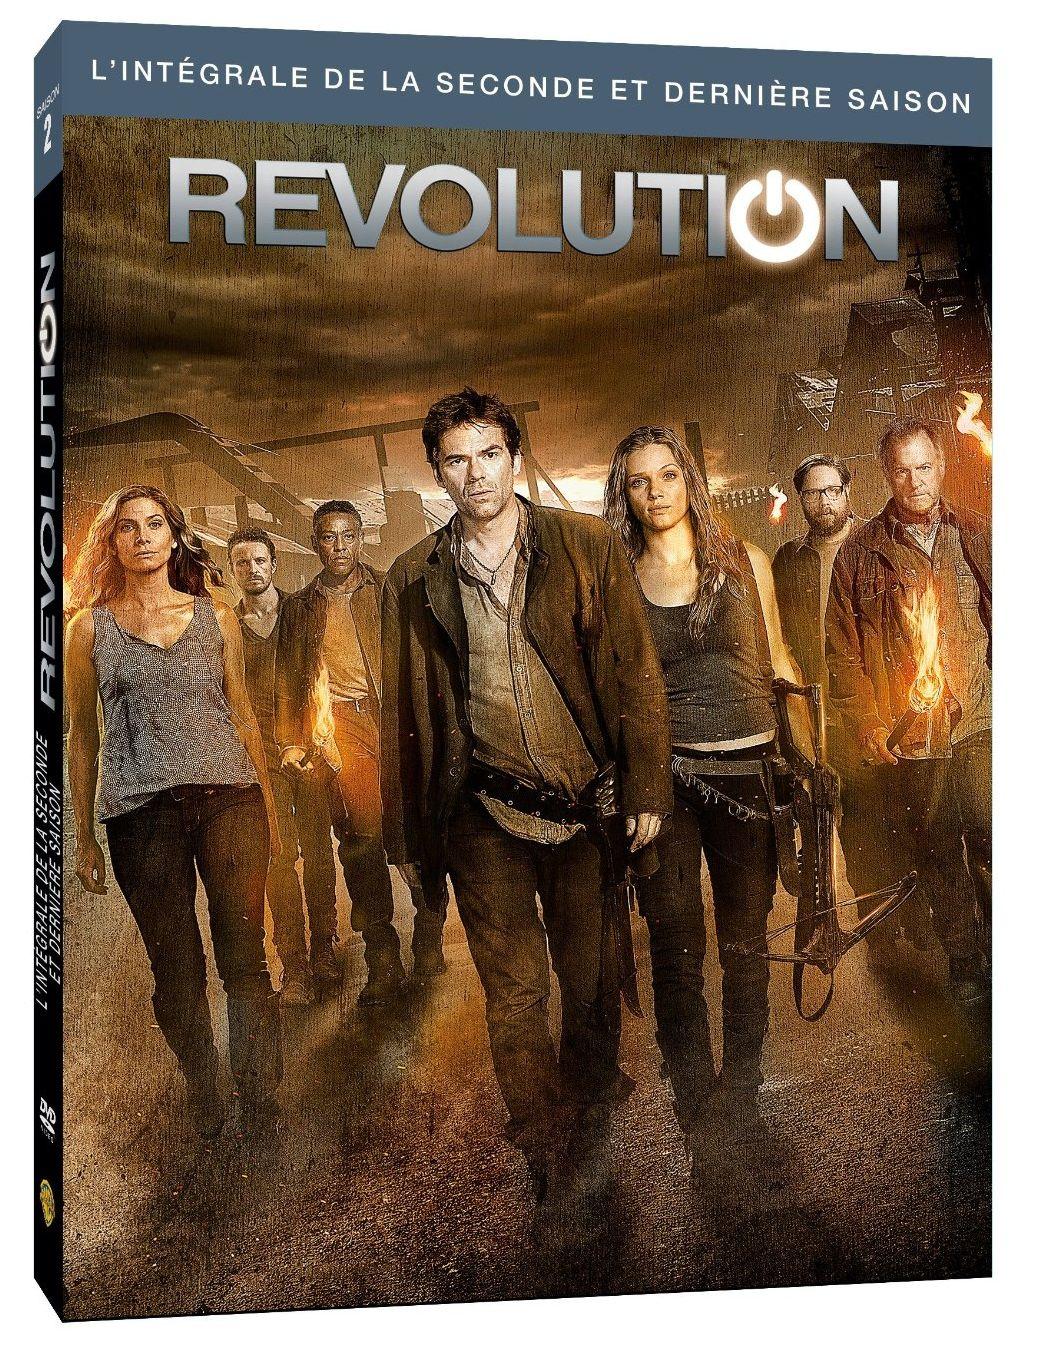 La boutique de produits dérivés de la série Revolution NBC